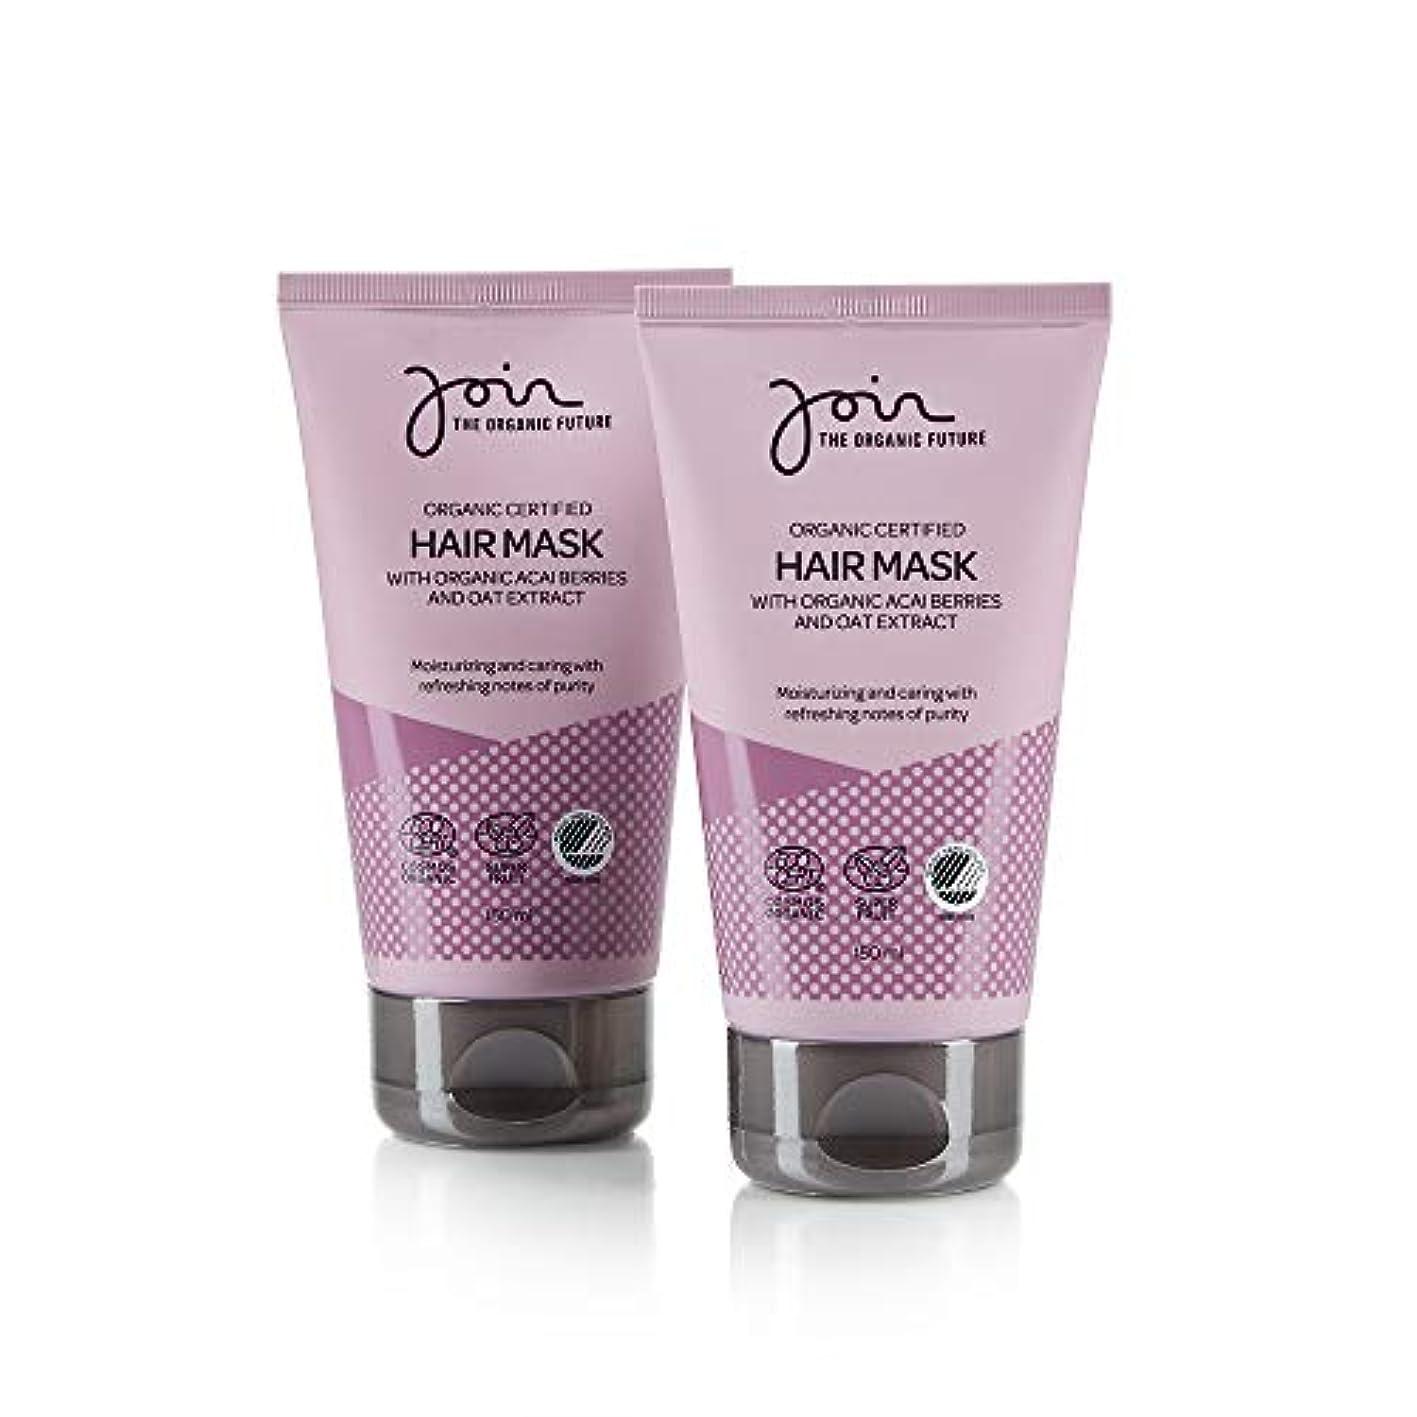 パケットパターン組Acai Berries&Oat Extractでオーガニック認定のヘアマスクに参加 - 150ml入りチューブ2本入り。